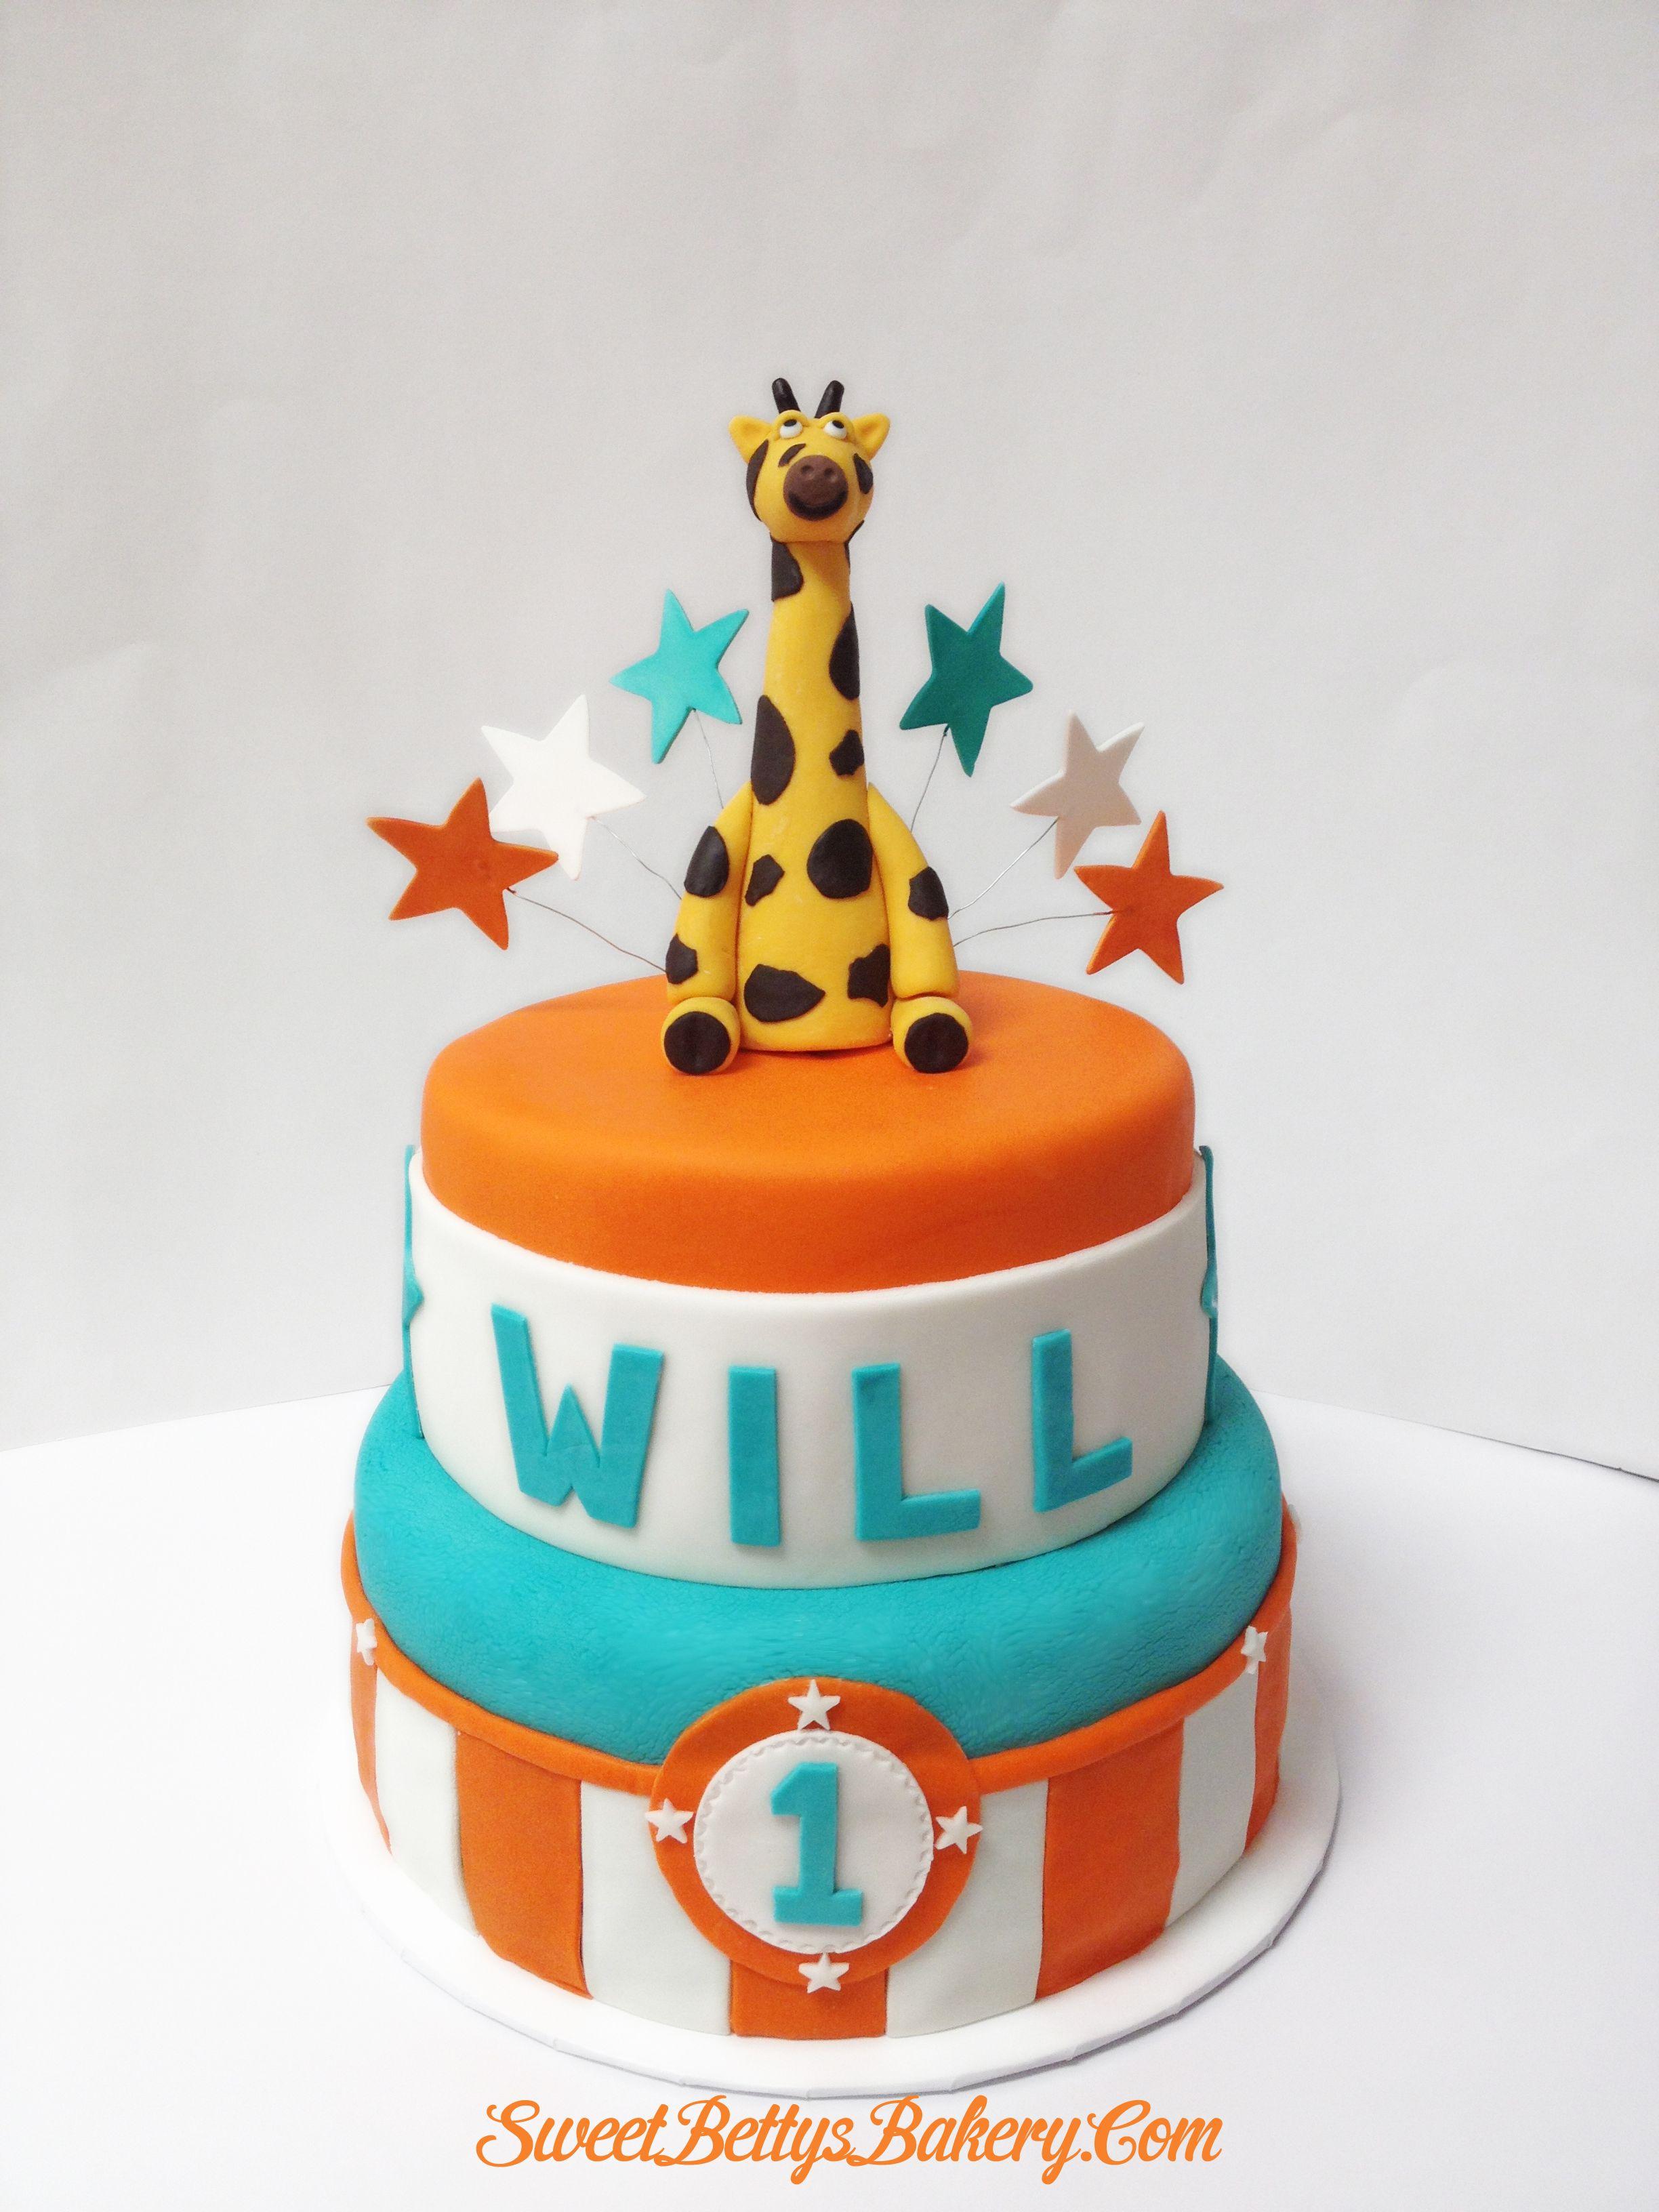 Giraffe 1st Birthday Cake Baked Goods Sweet Treats Pinterest